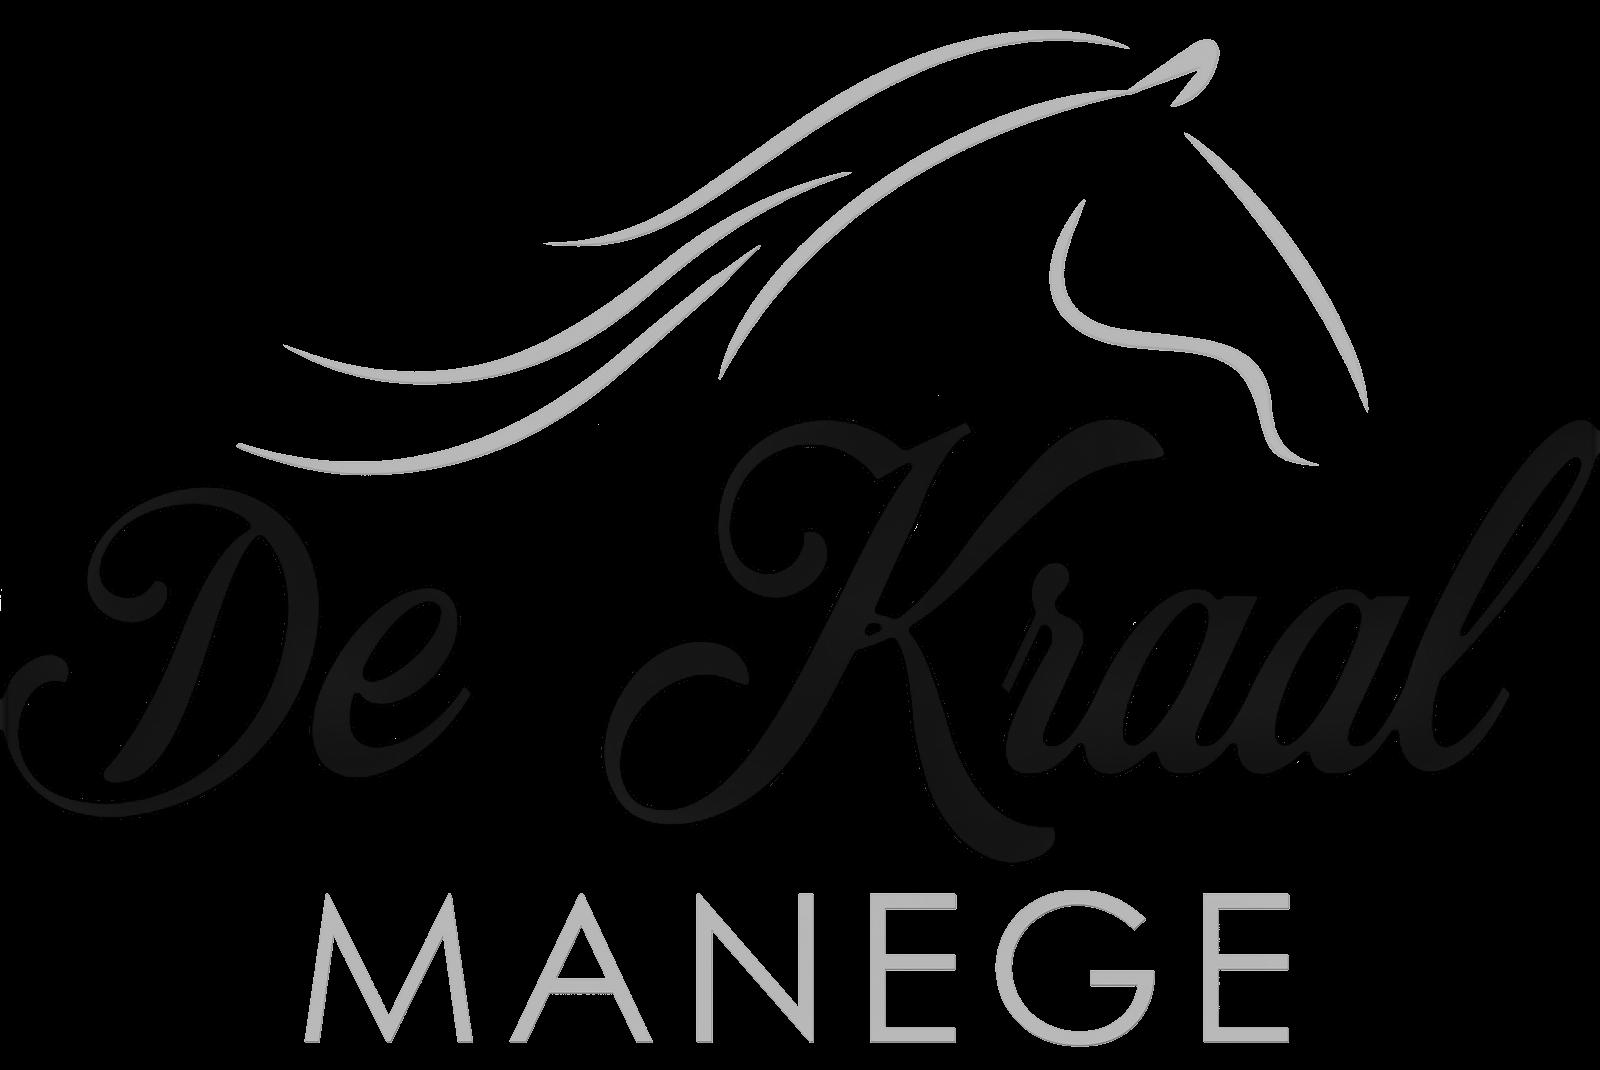 Speurneuzenmarkt - Rommelmarkt voor hobby- en tweedehands spullen bij Manege De Kraal Nederweert